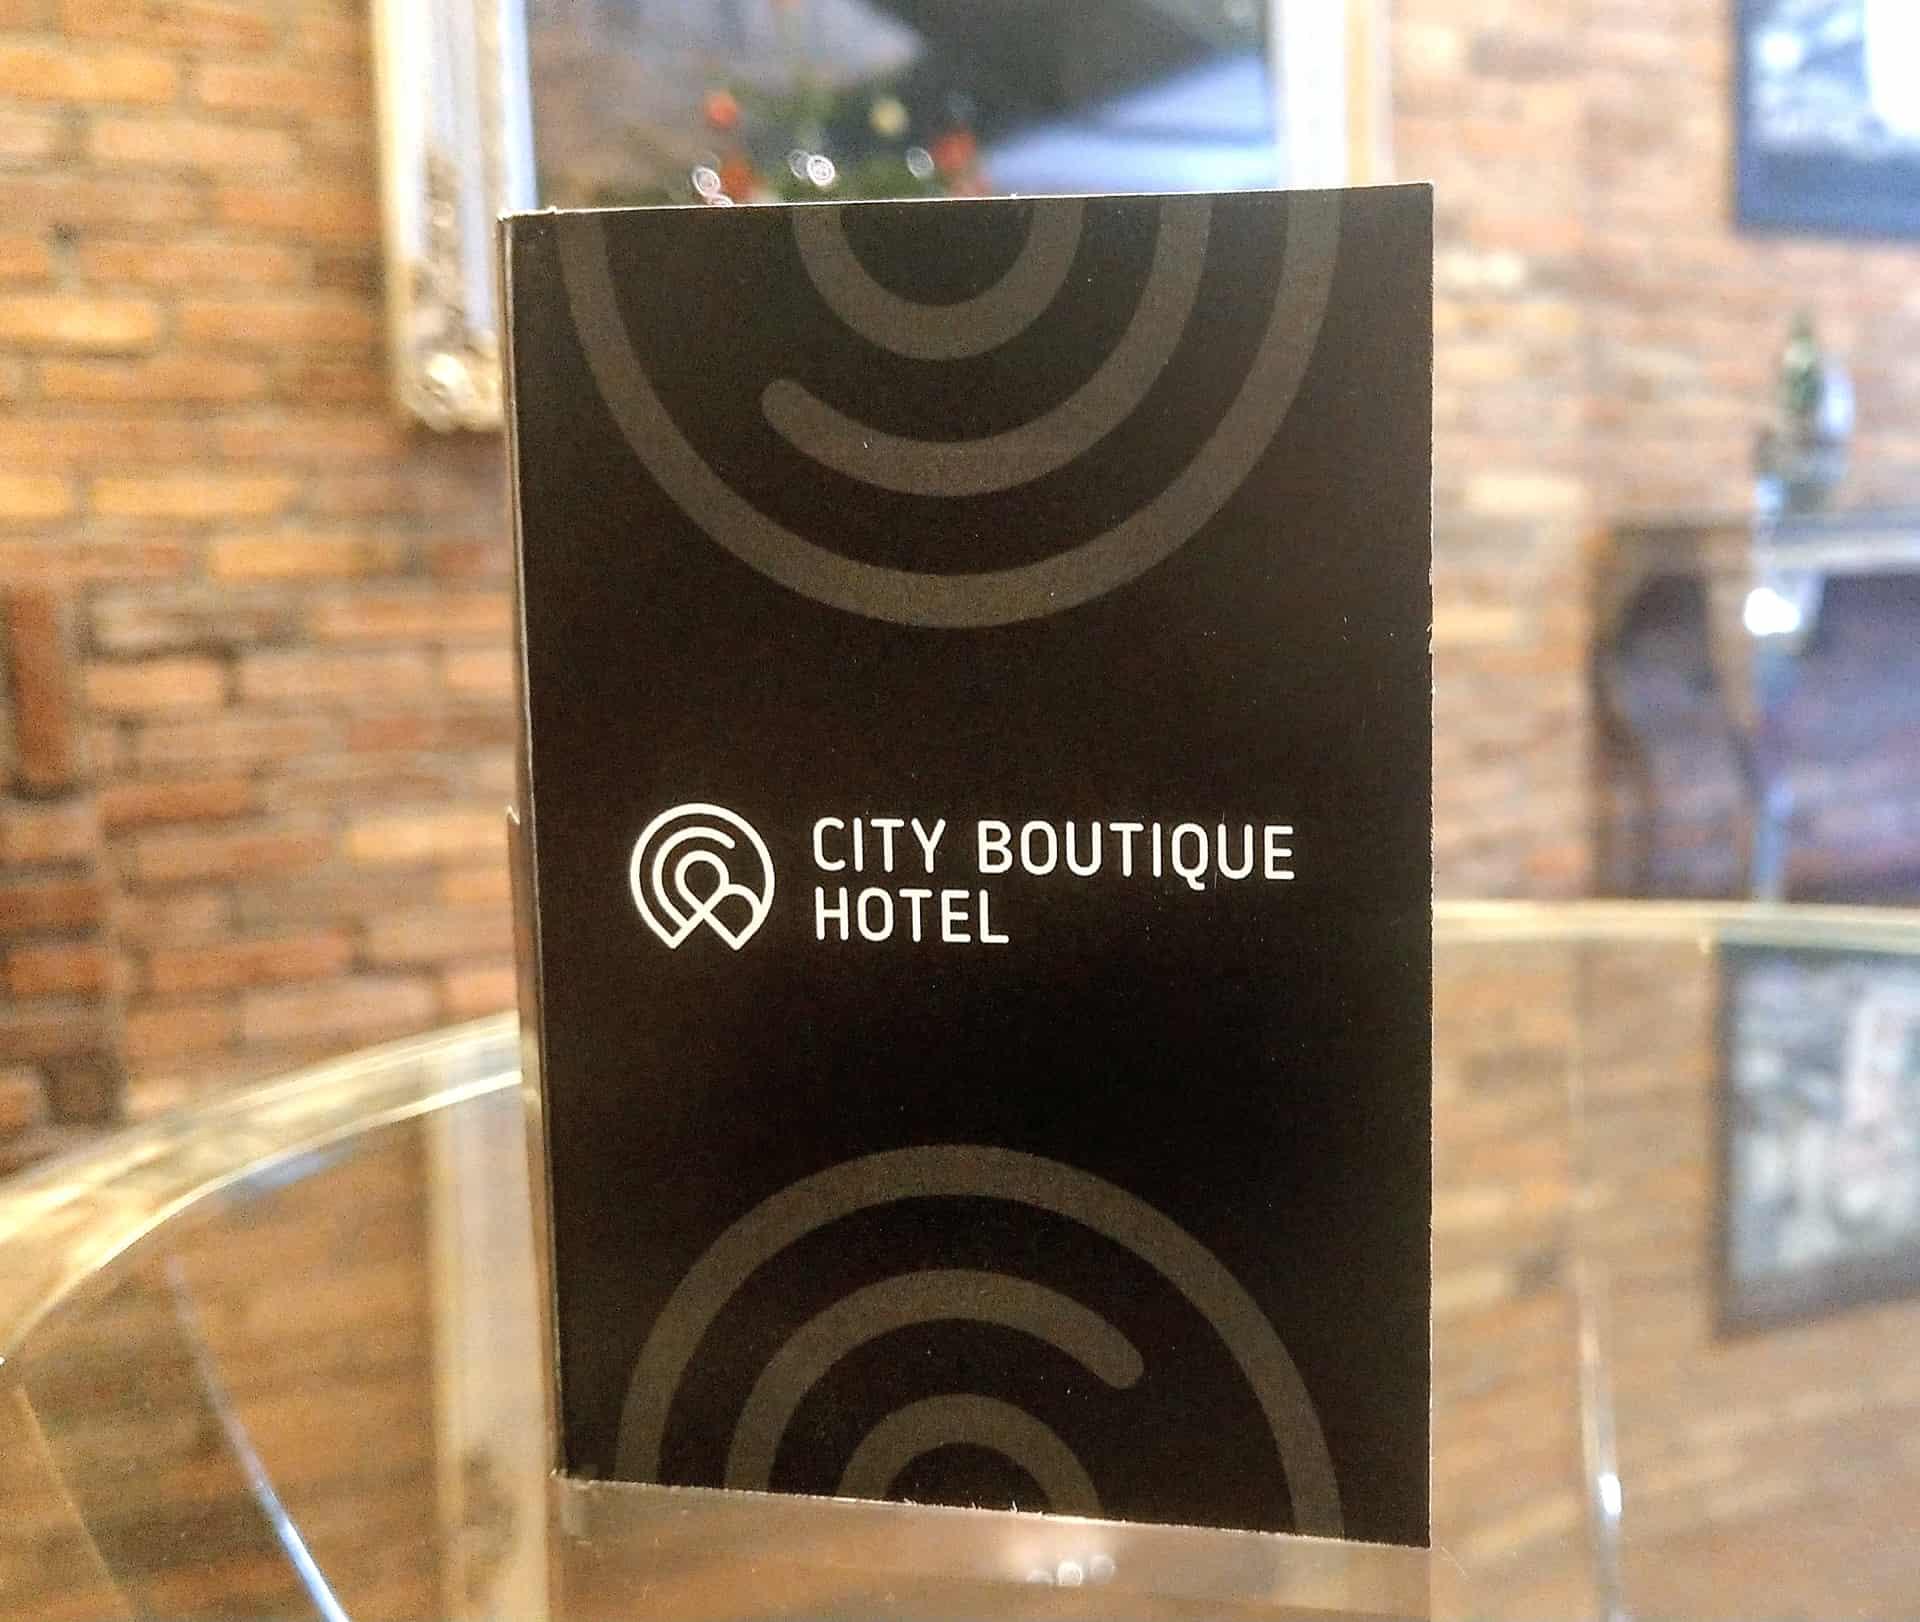 naklejki z nadrukowanym napisem City Boutique hotel